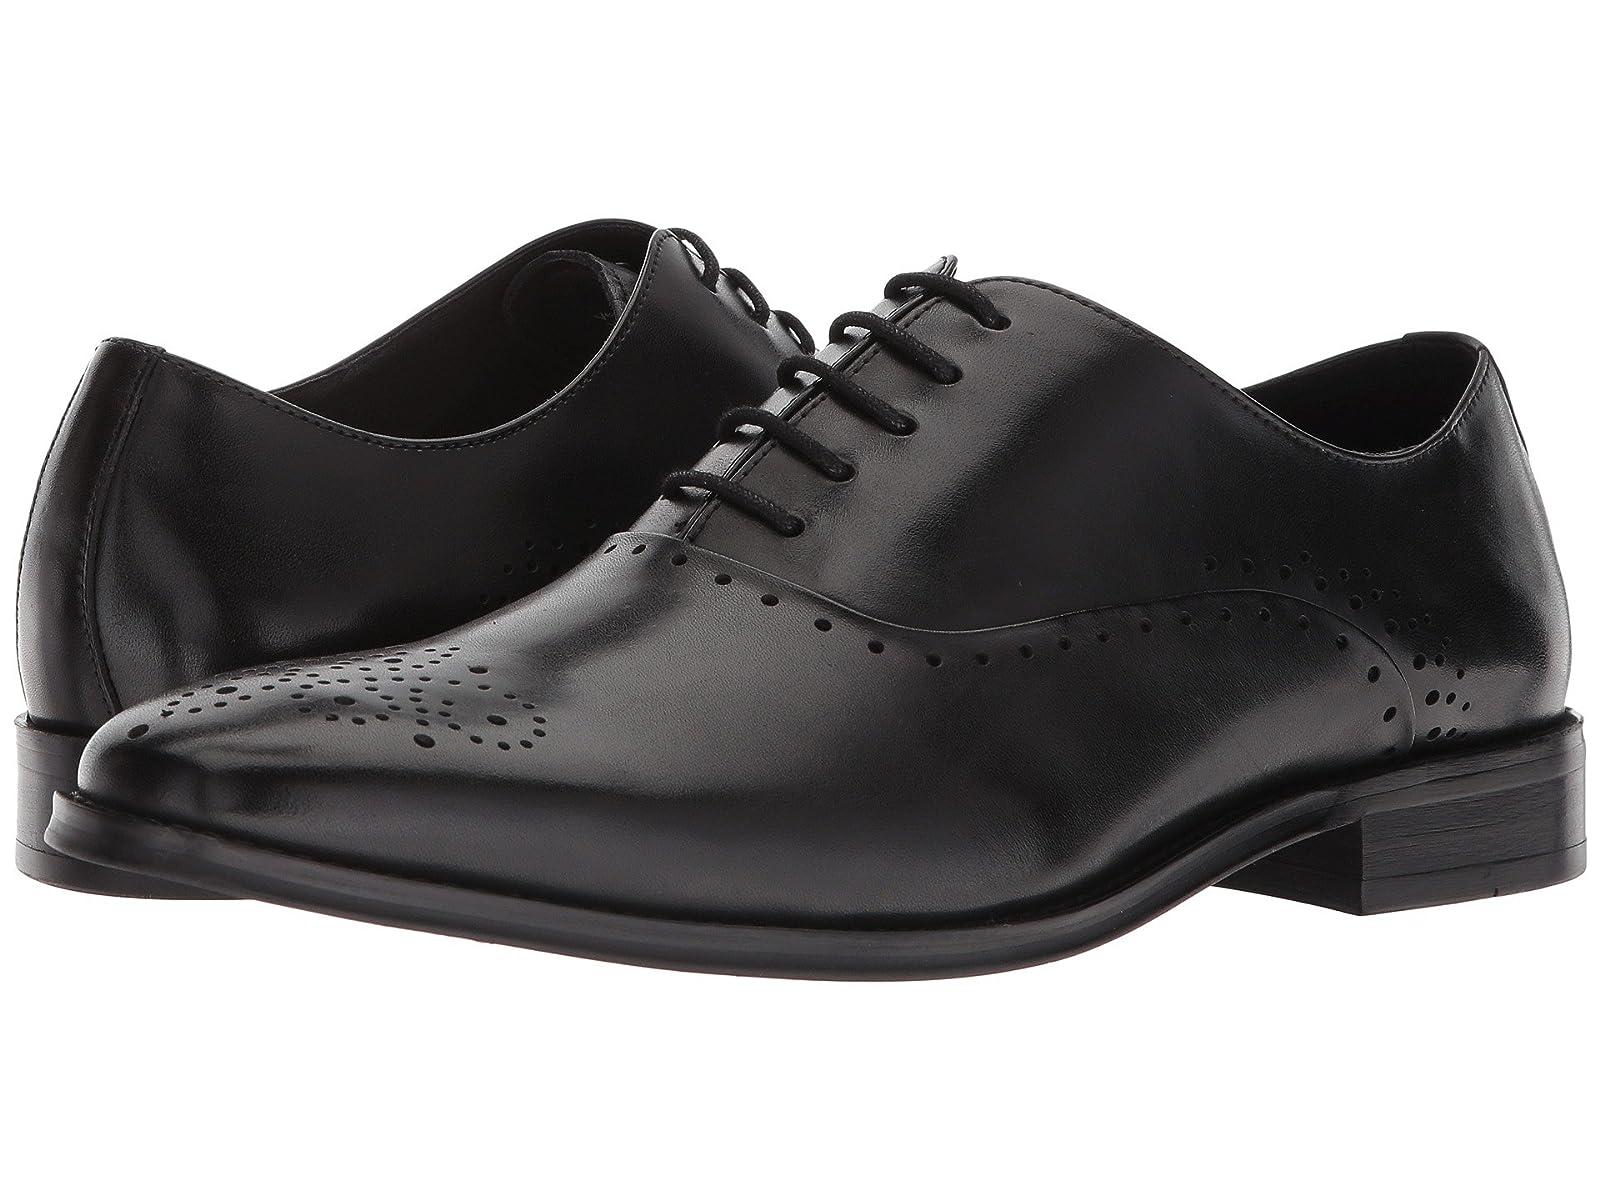 Steve Madden VearAtmospheric grades have affordable shoes